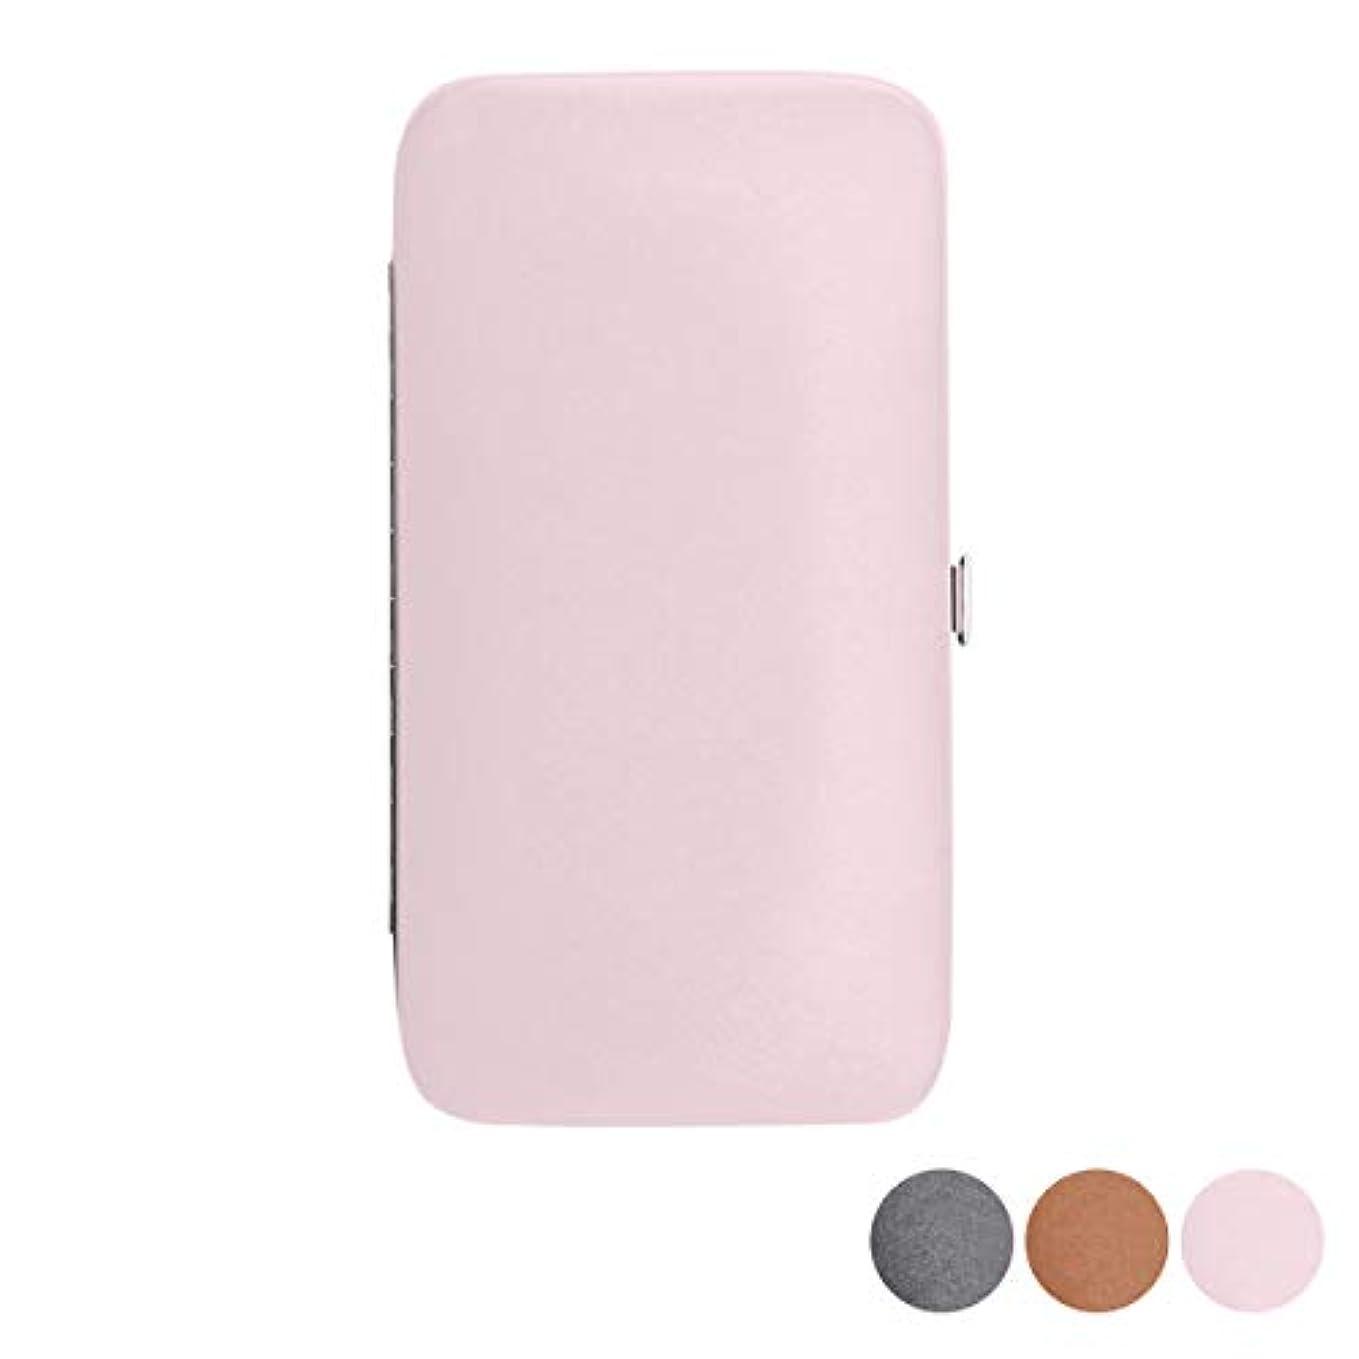 円形のコンパスカウボーイマグネット式 ツイーザーケース 全3色 ピンク [ ツイーザー ツィーザー ツイザー 毛抜き ピンセット 脱毛 アイラッシュ まつげエクステ まつ毛エクステ まつエク マツエク ネイル サロン 業務用 ]